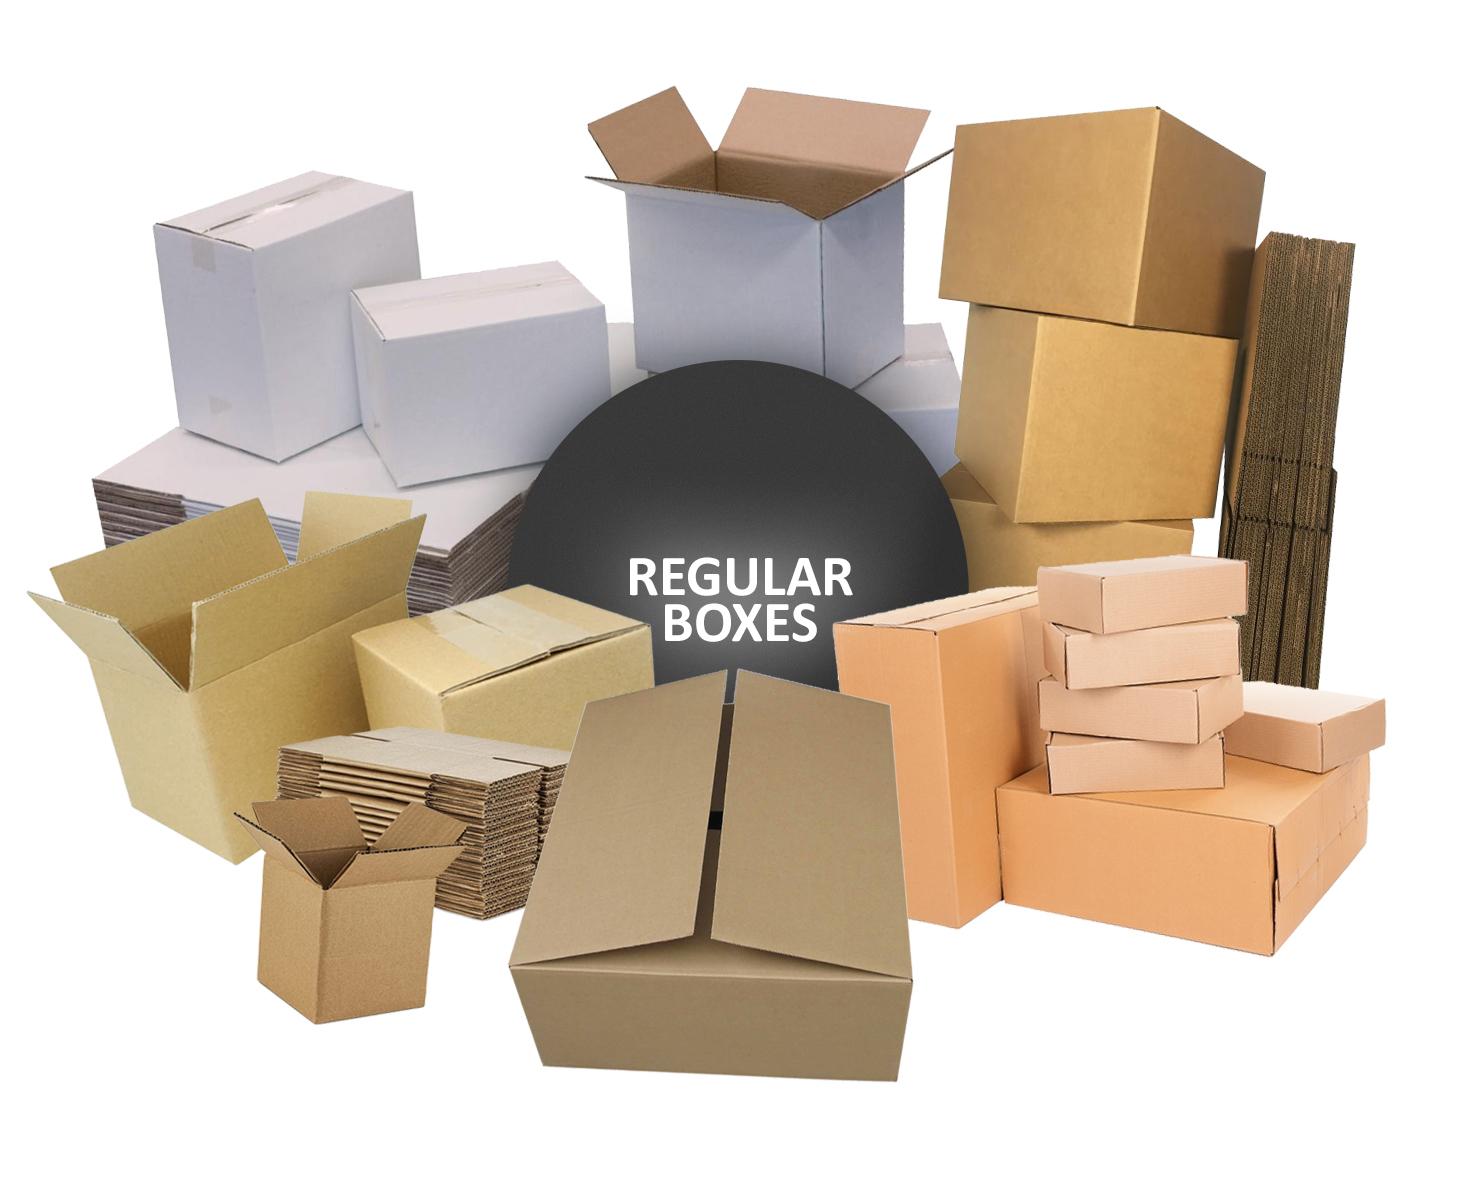 REGULAR BOXES